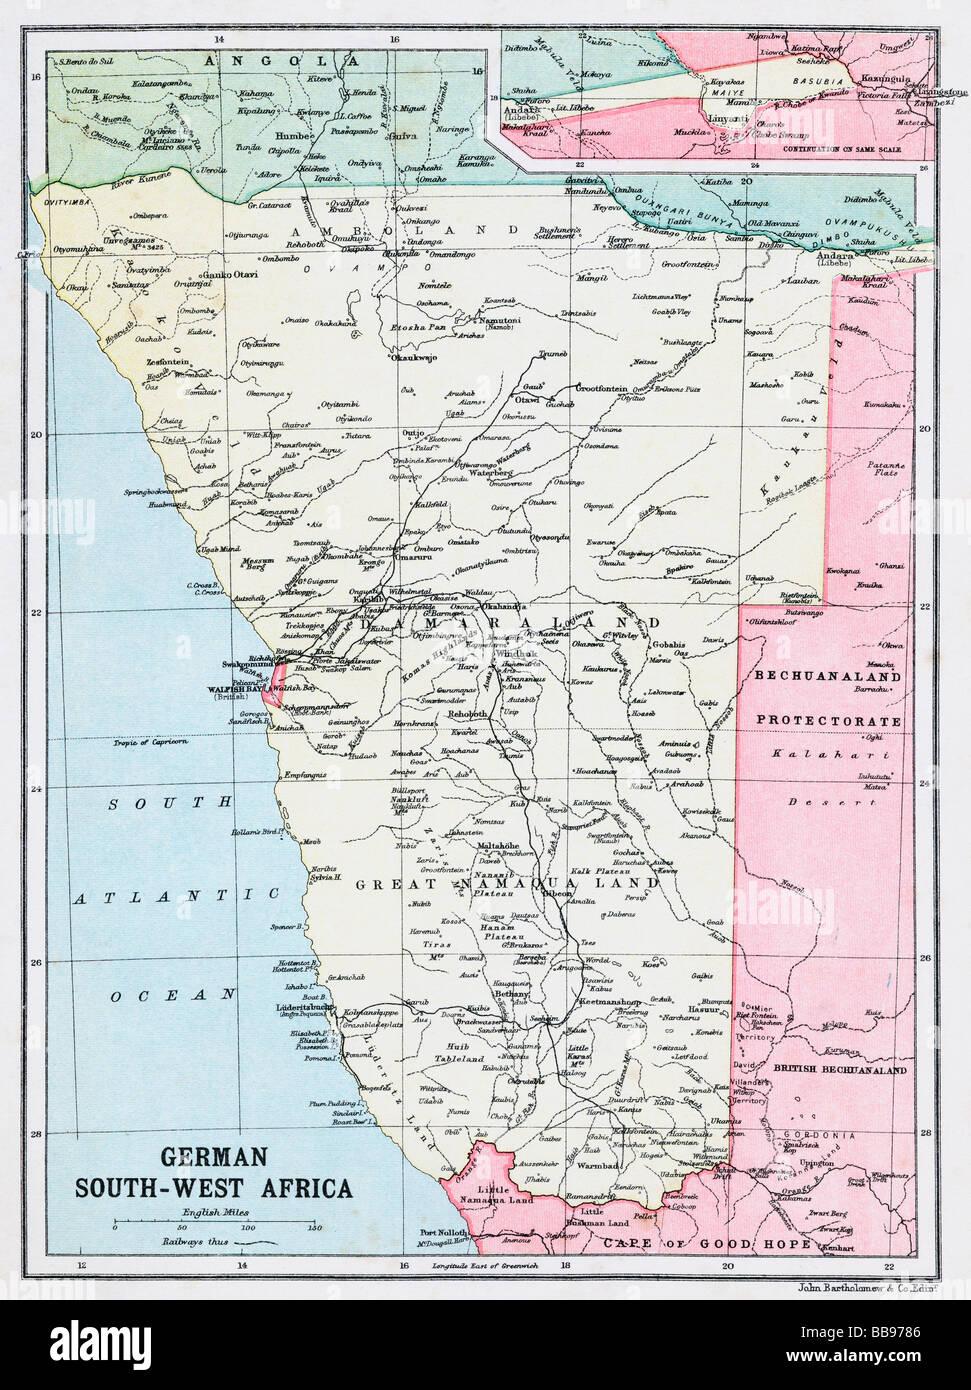 Afrika Karte Deutsch.Karte Von Deutsch Süd West Afrika Zu Beginn Des Ersten Weltkriegs